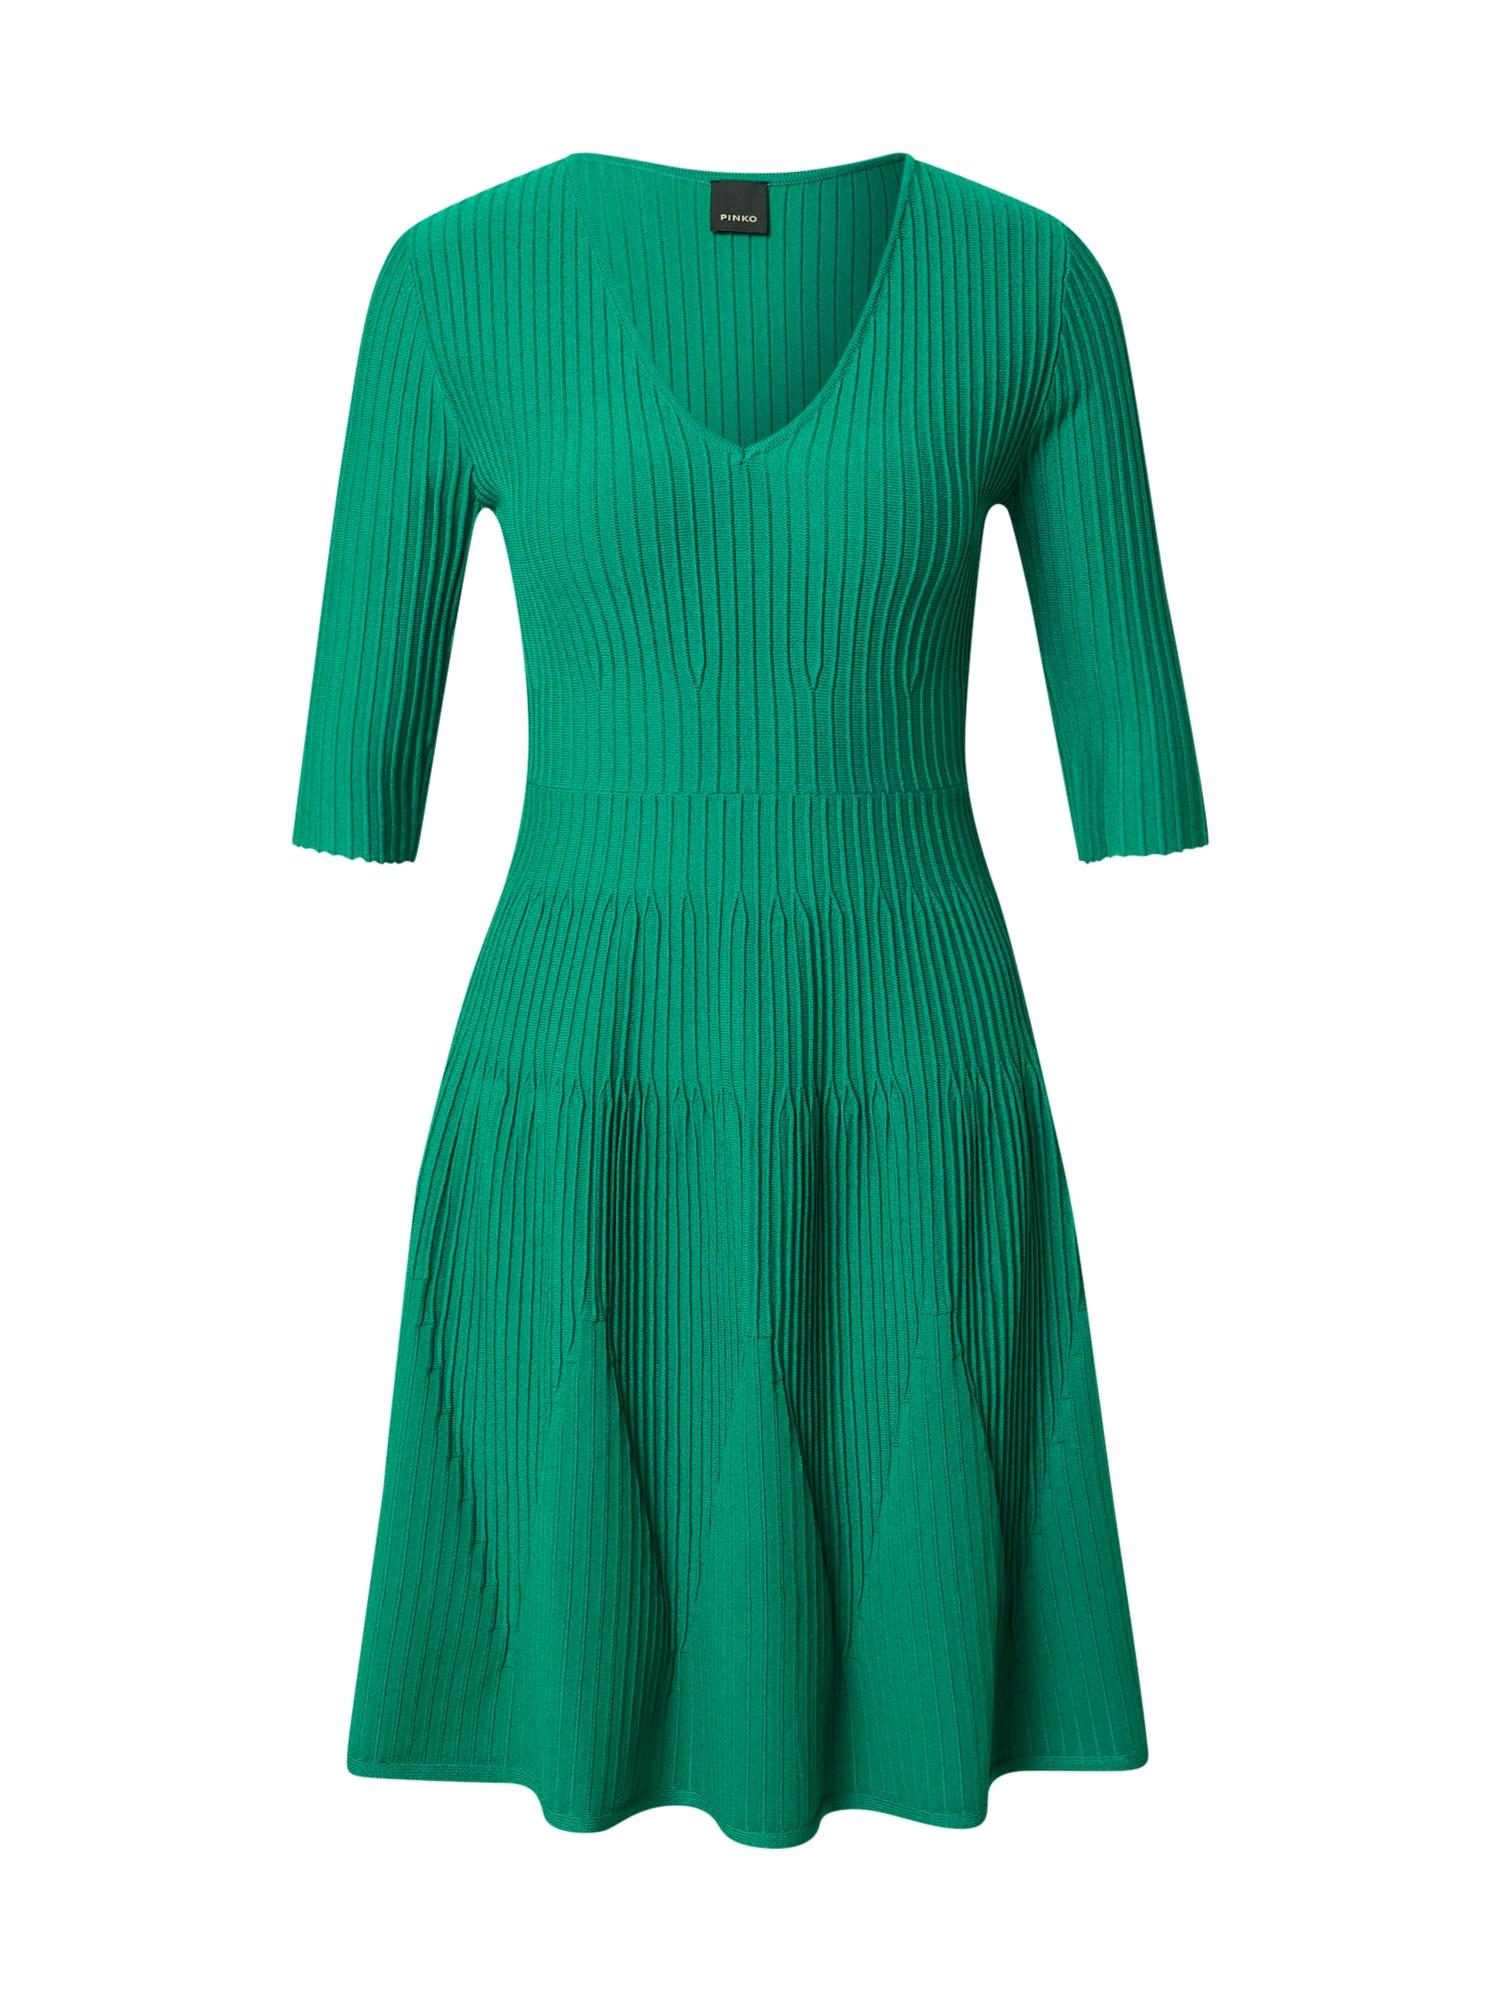 PINKO Suknelė žolės žalia